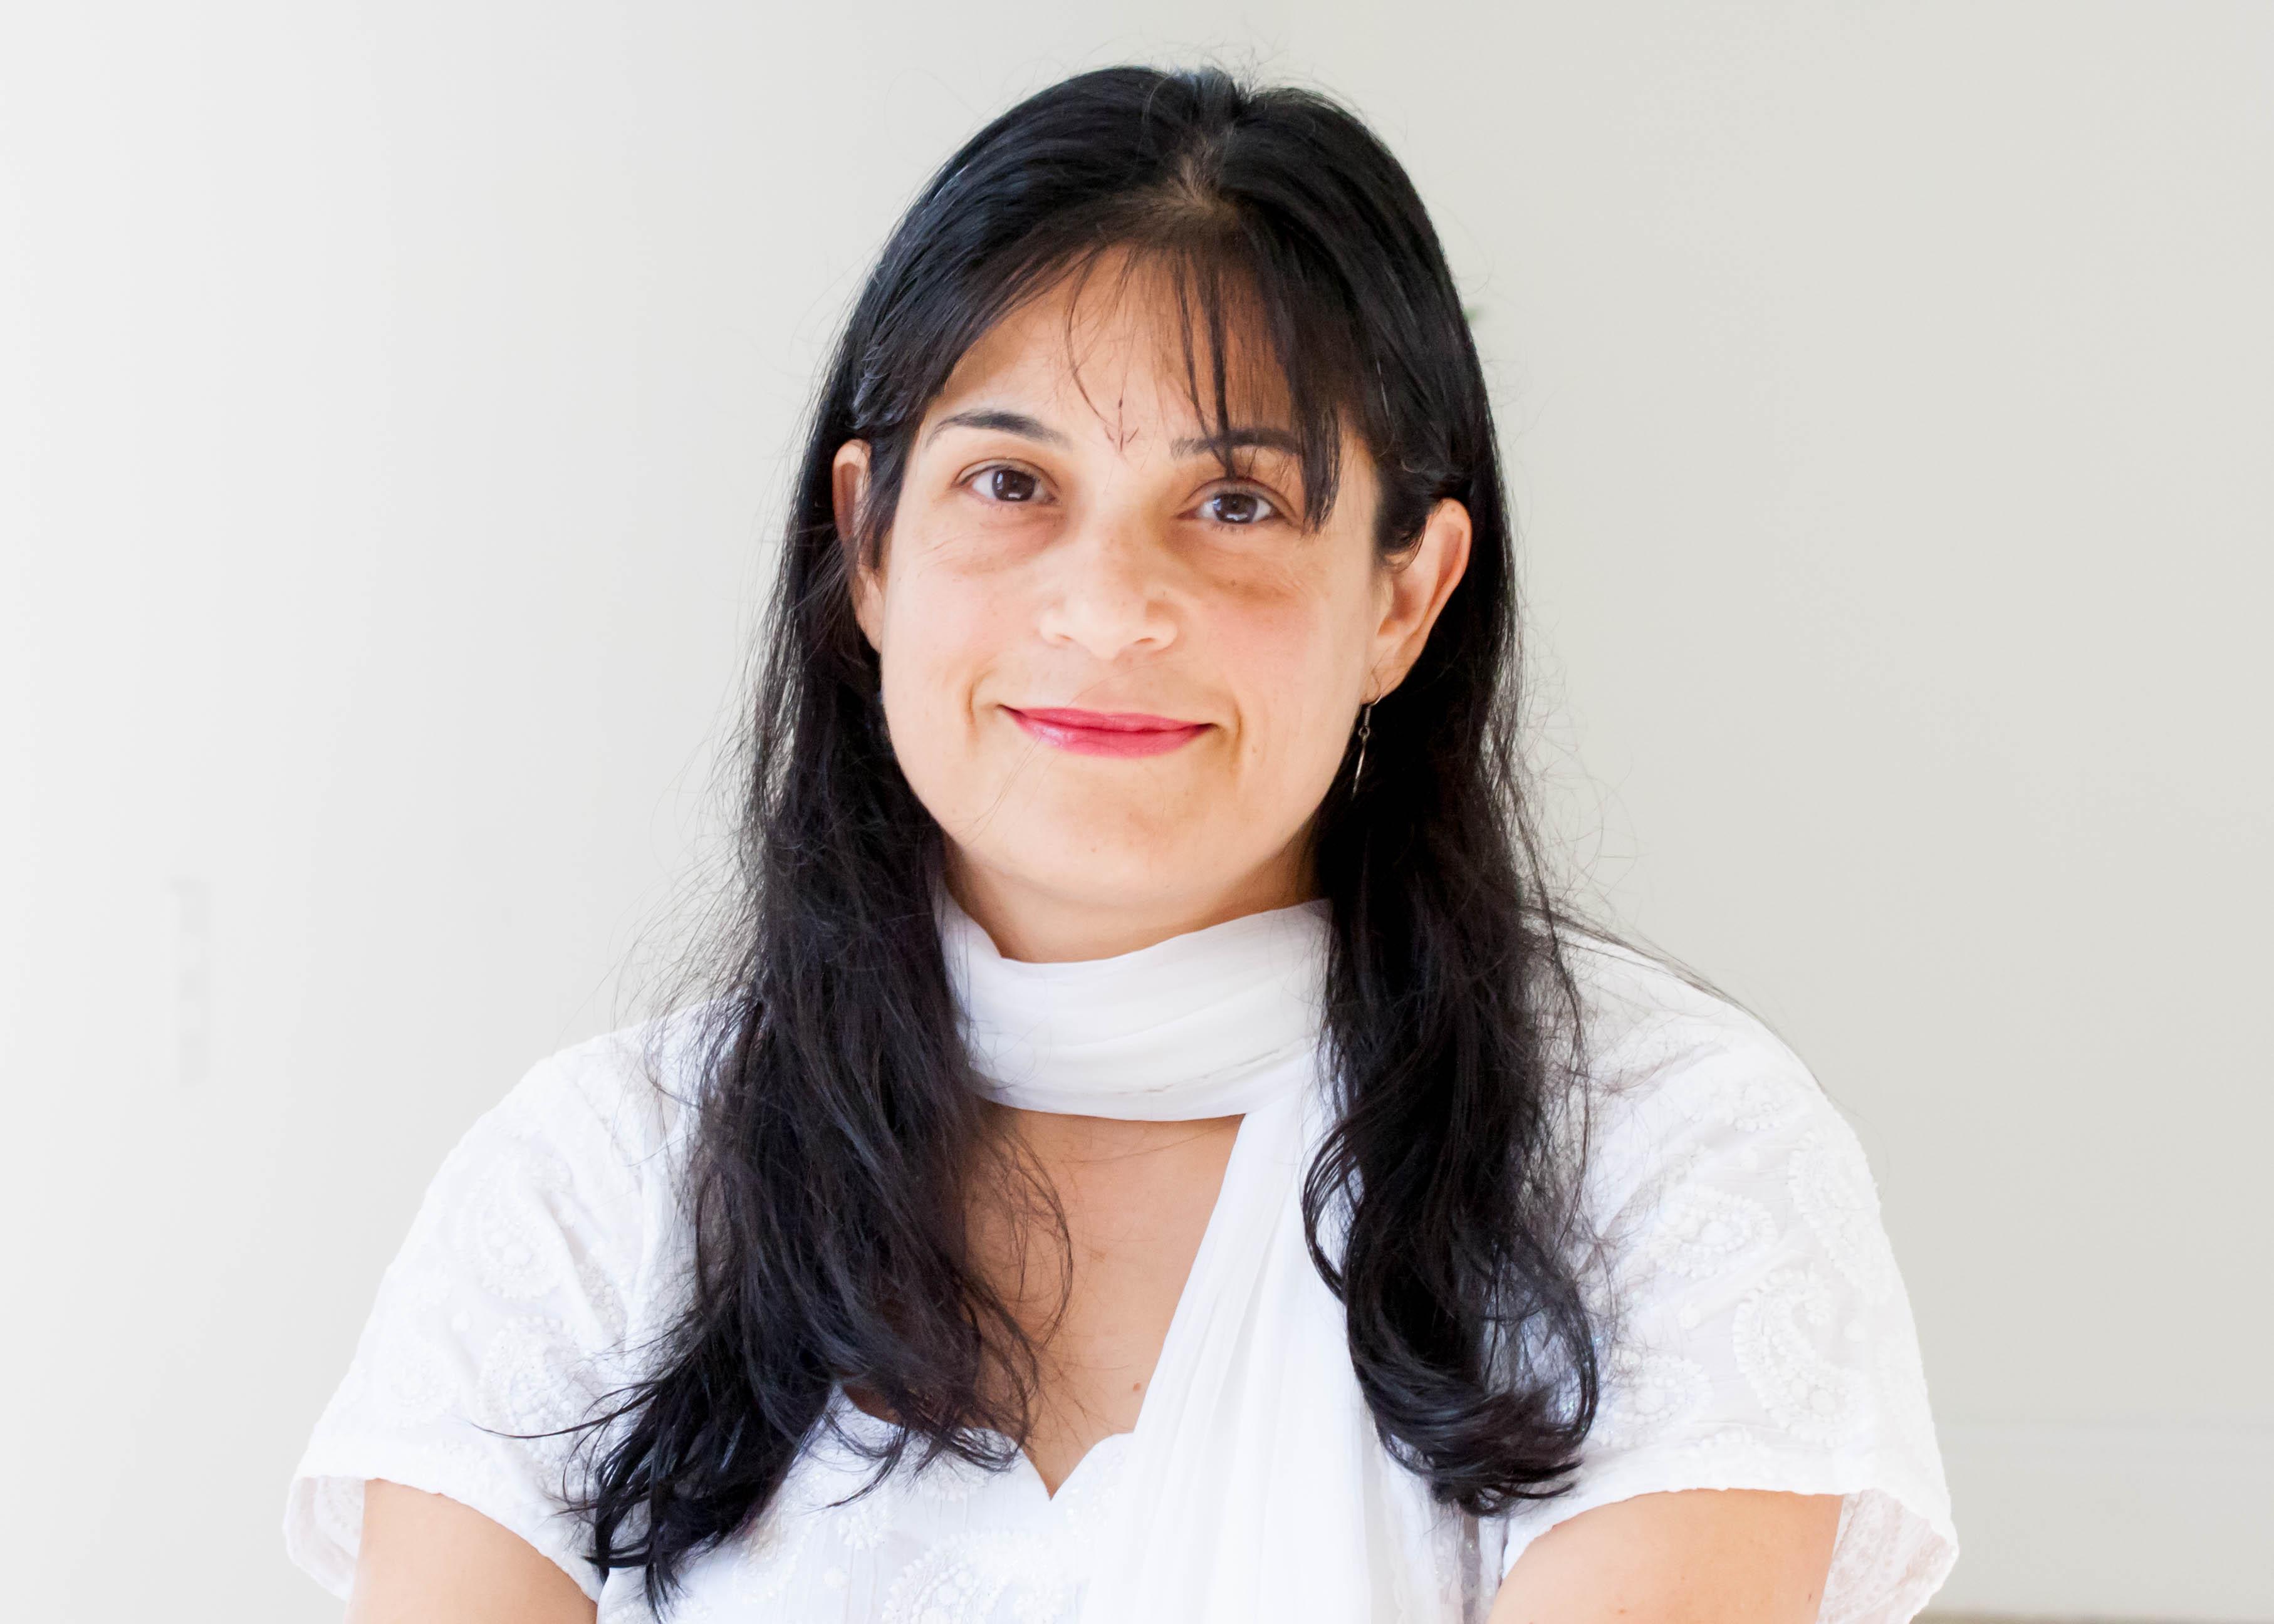 Elizabeth Huber